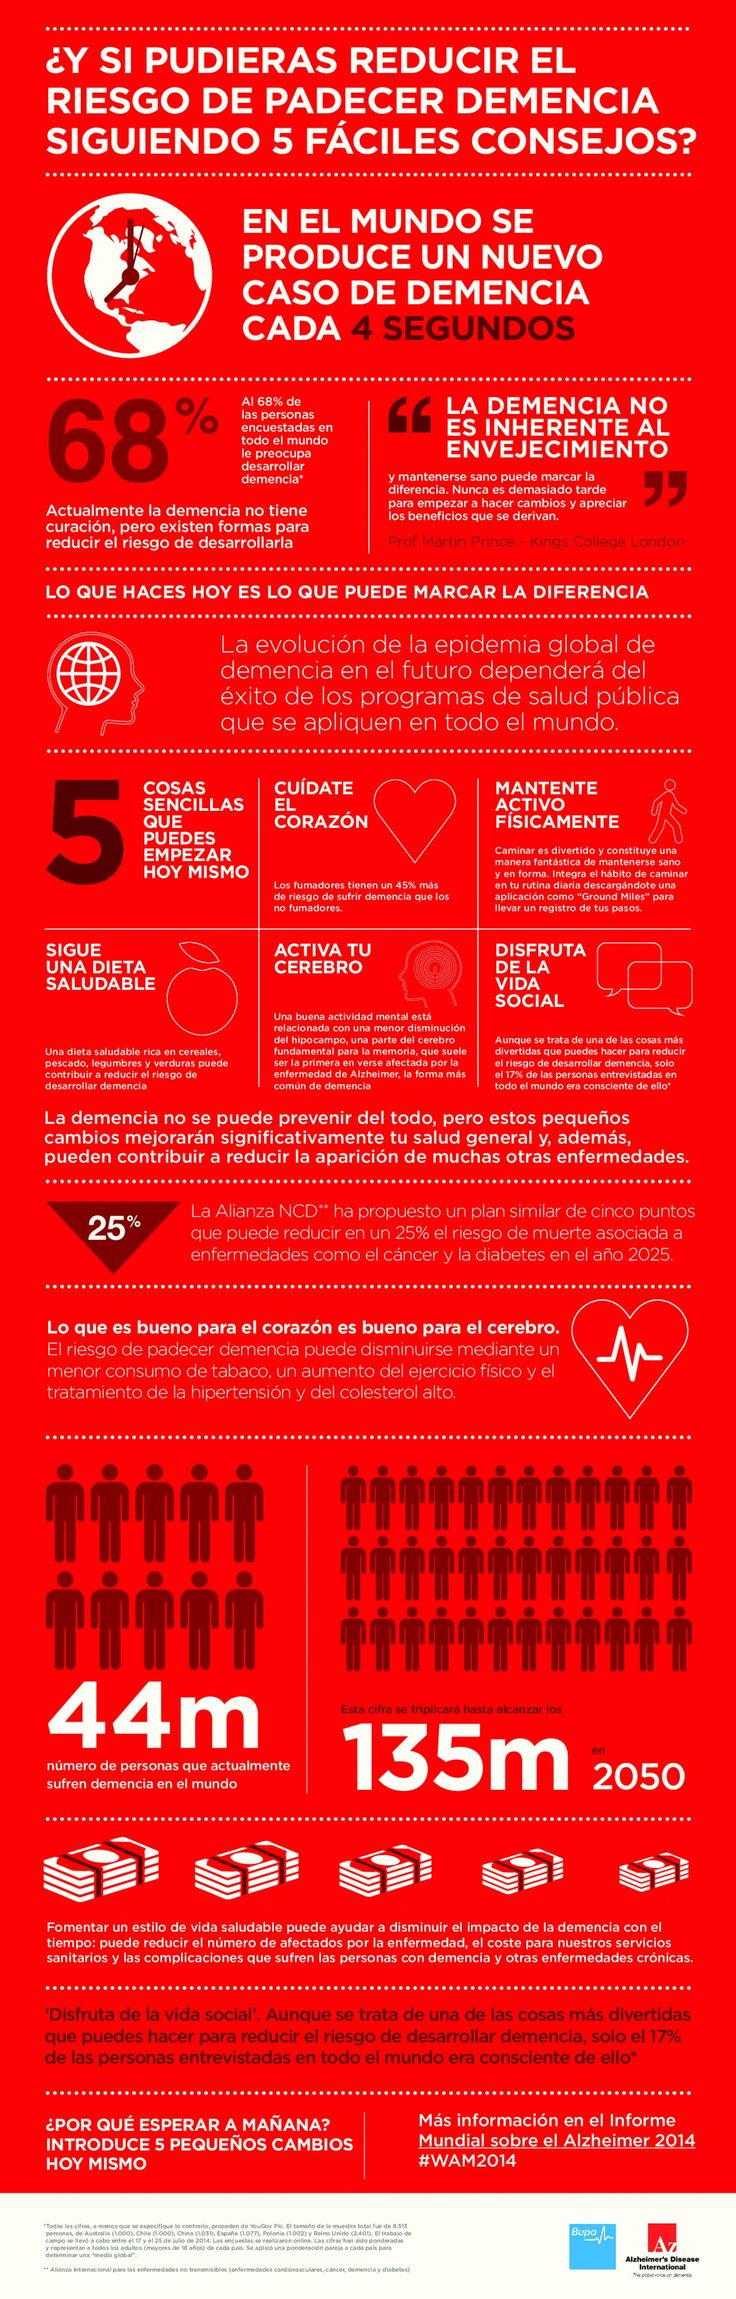 ¿Y si pudieras reducir el riesgo de padecer #demencia siguiendo 5 fáciles cons...